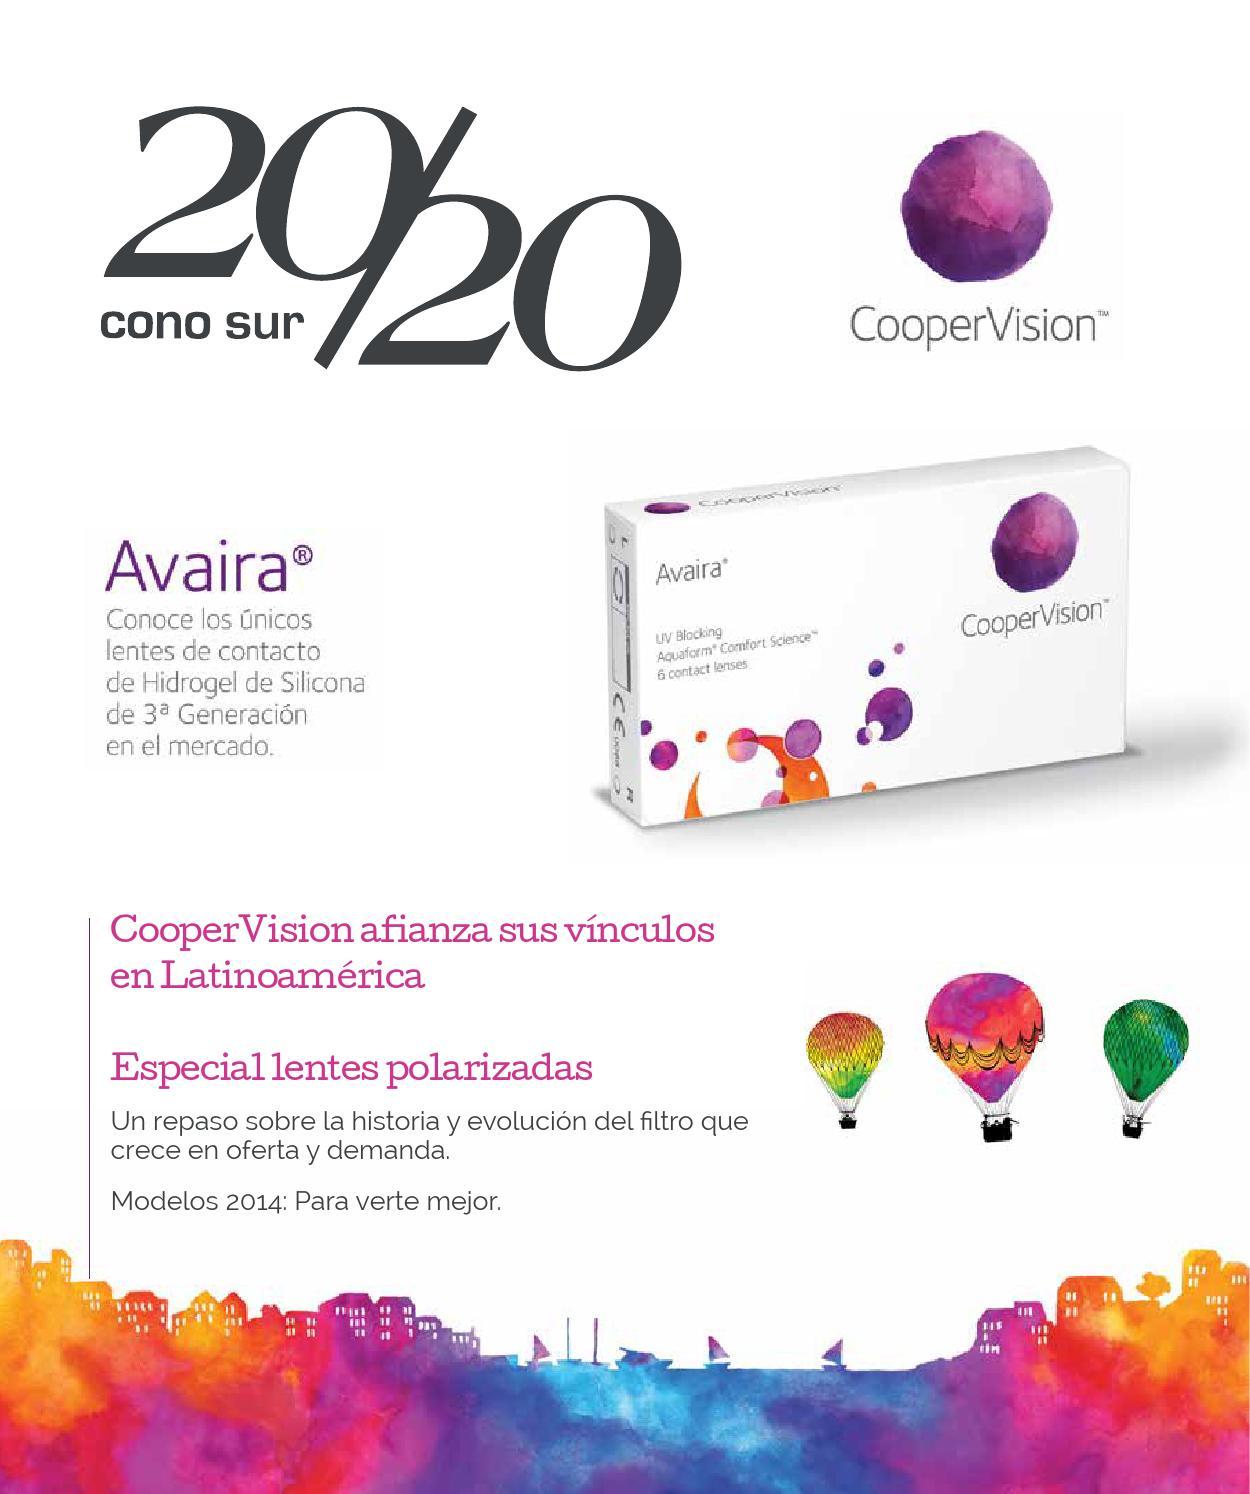 632efb980f 2020 5ta 2013 Conosur by Creative Latin Media LLC - issuu